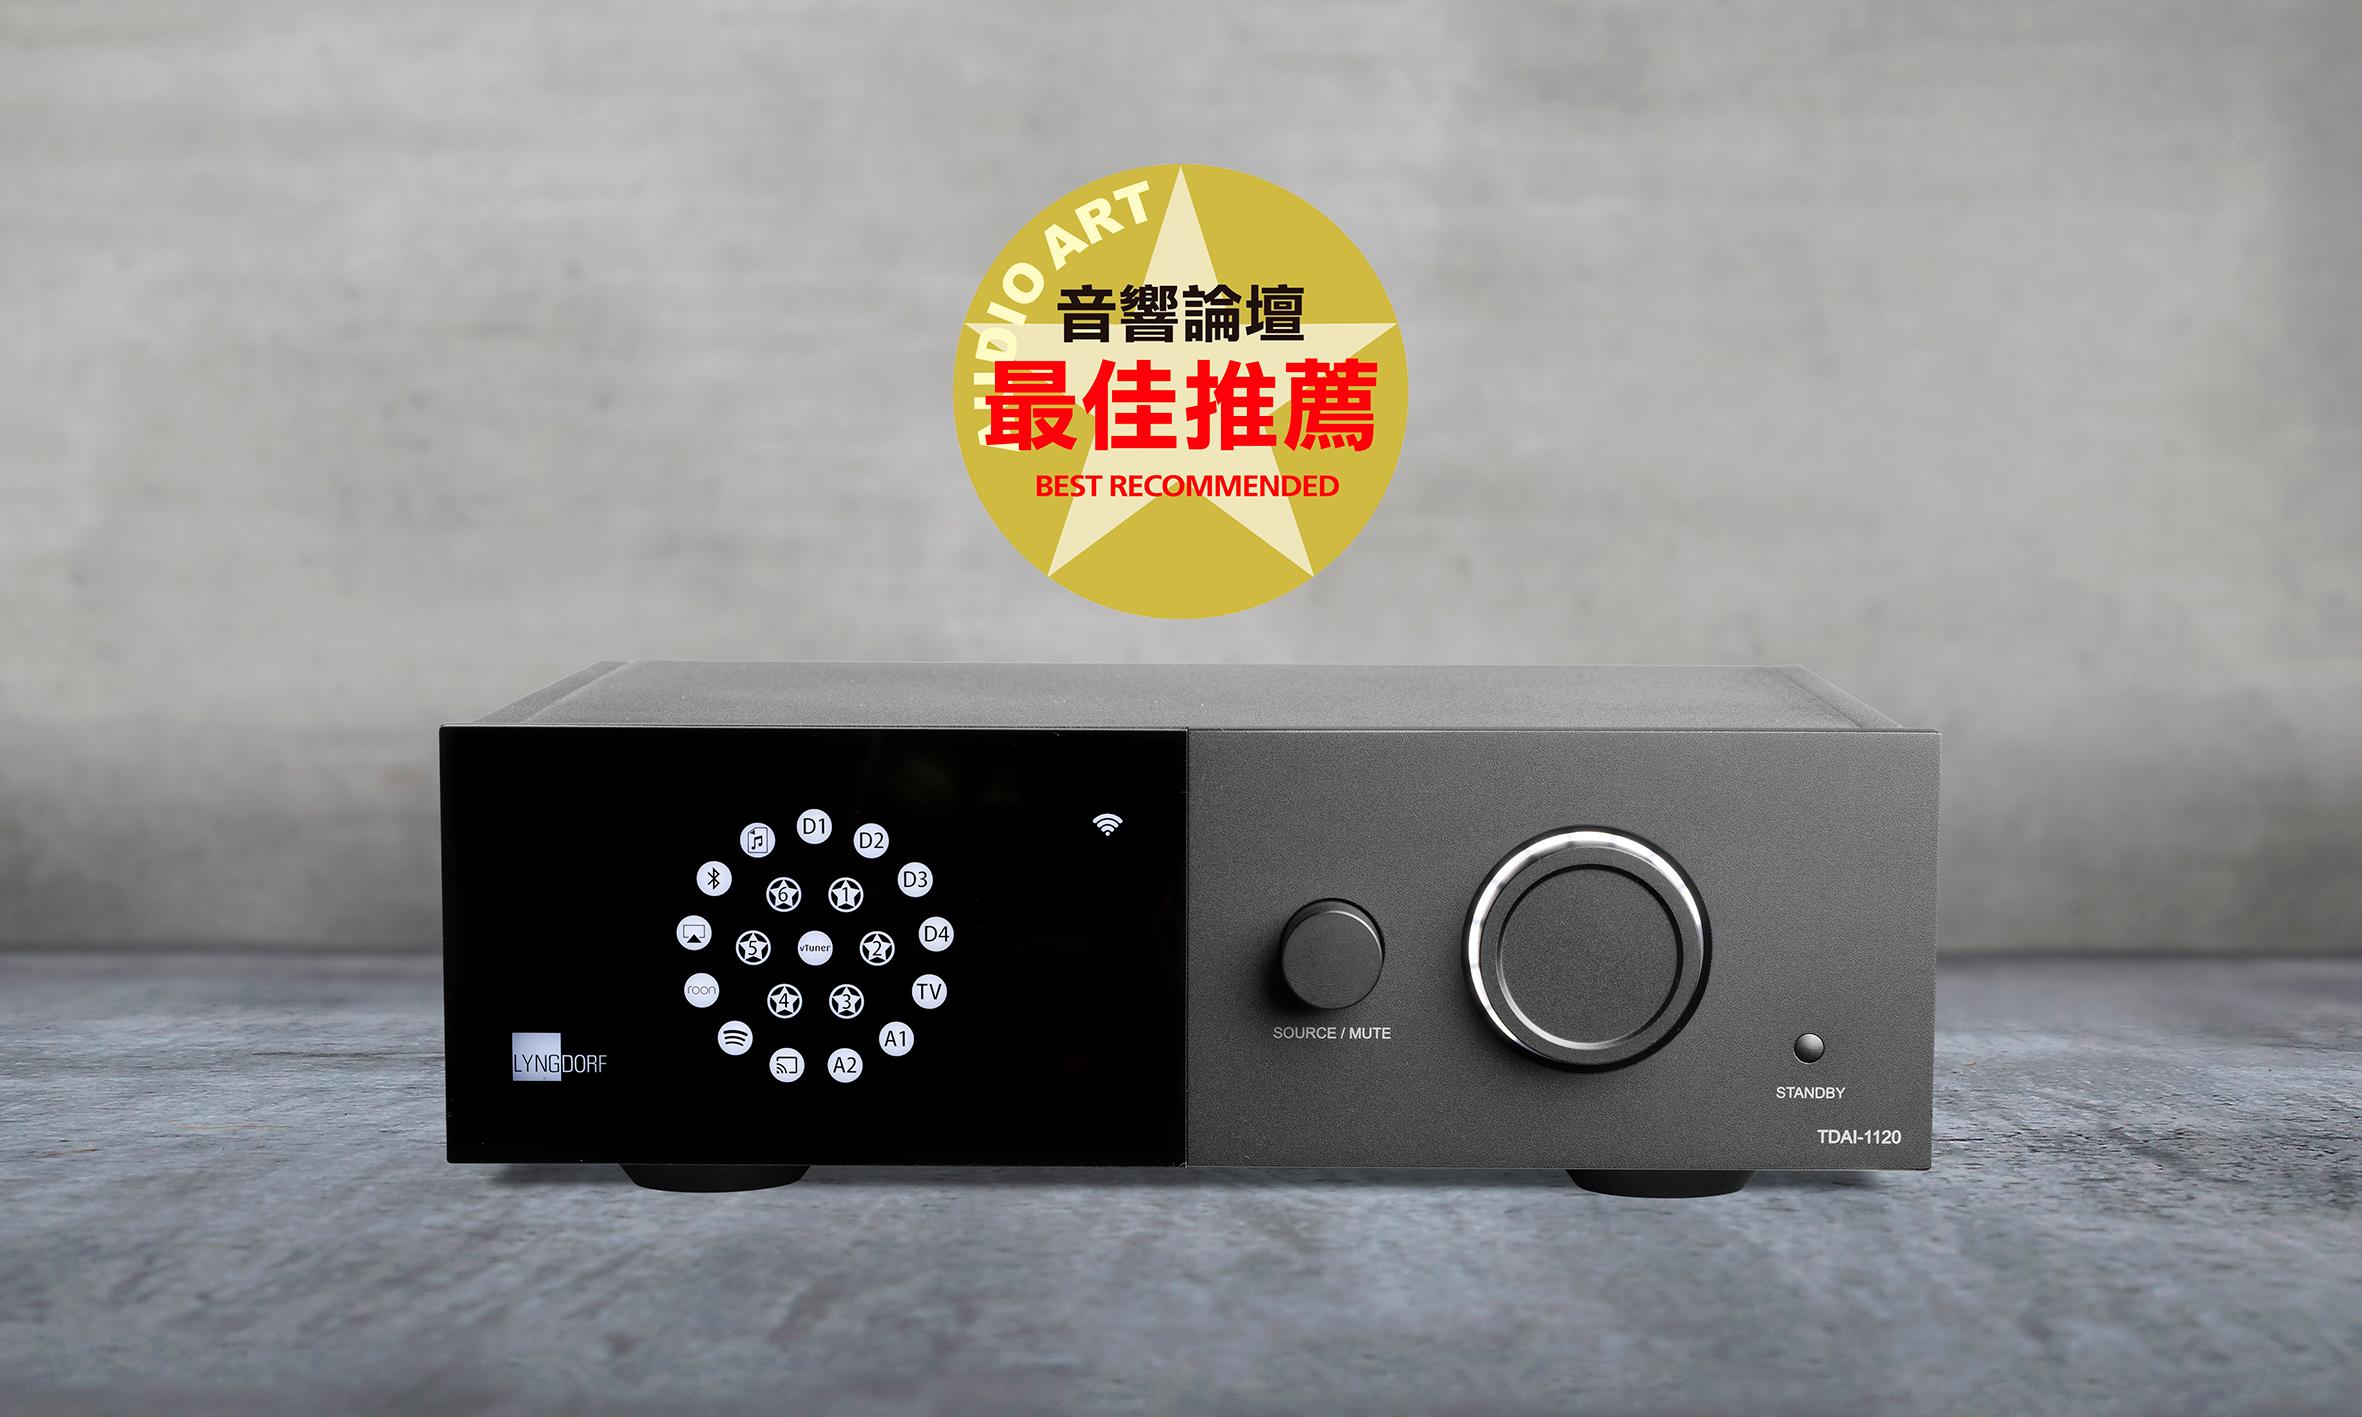 TDAI-110 wins award in Taiwan